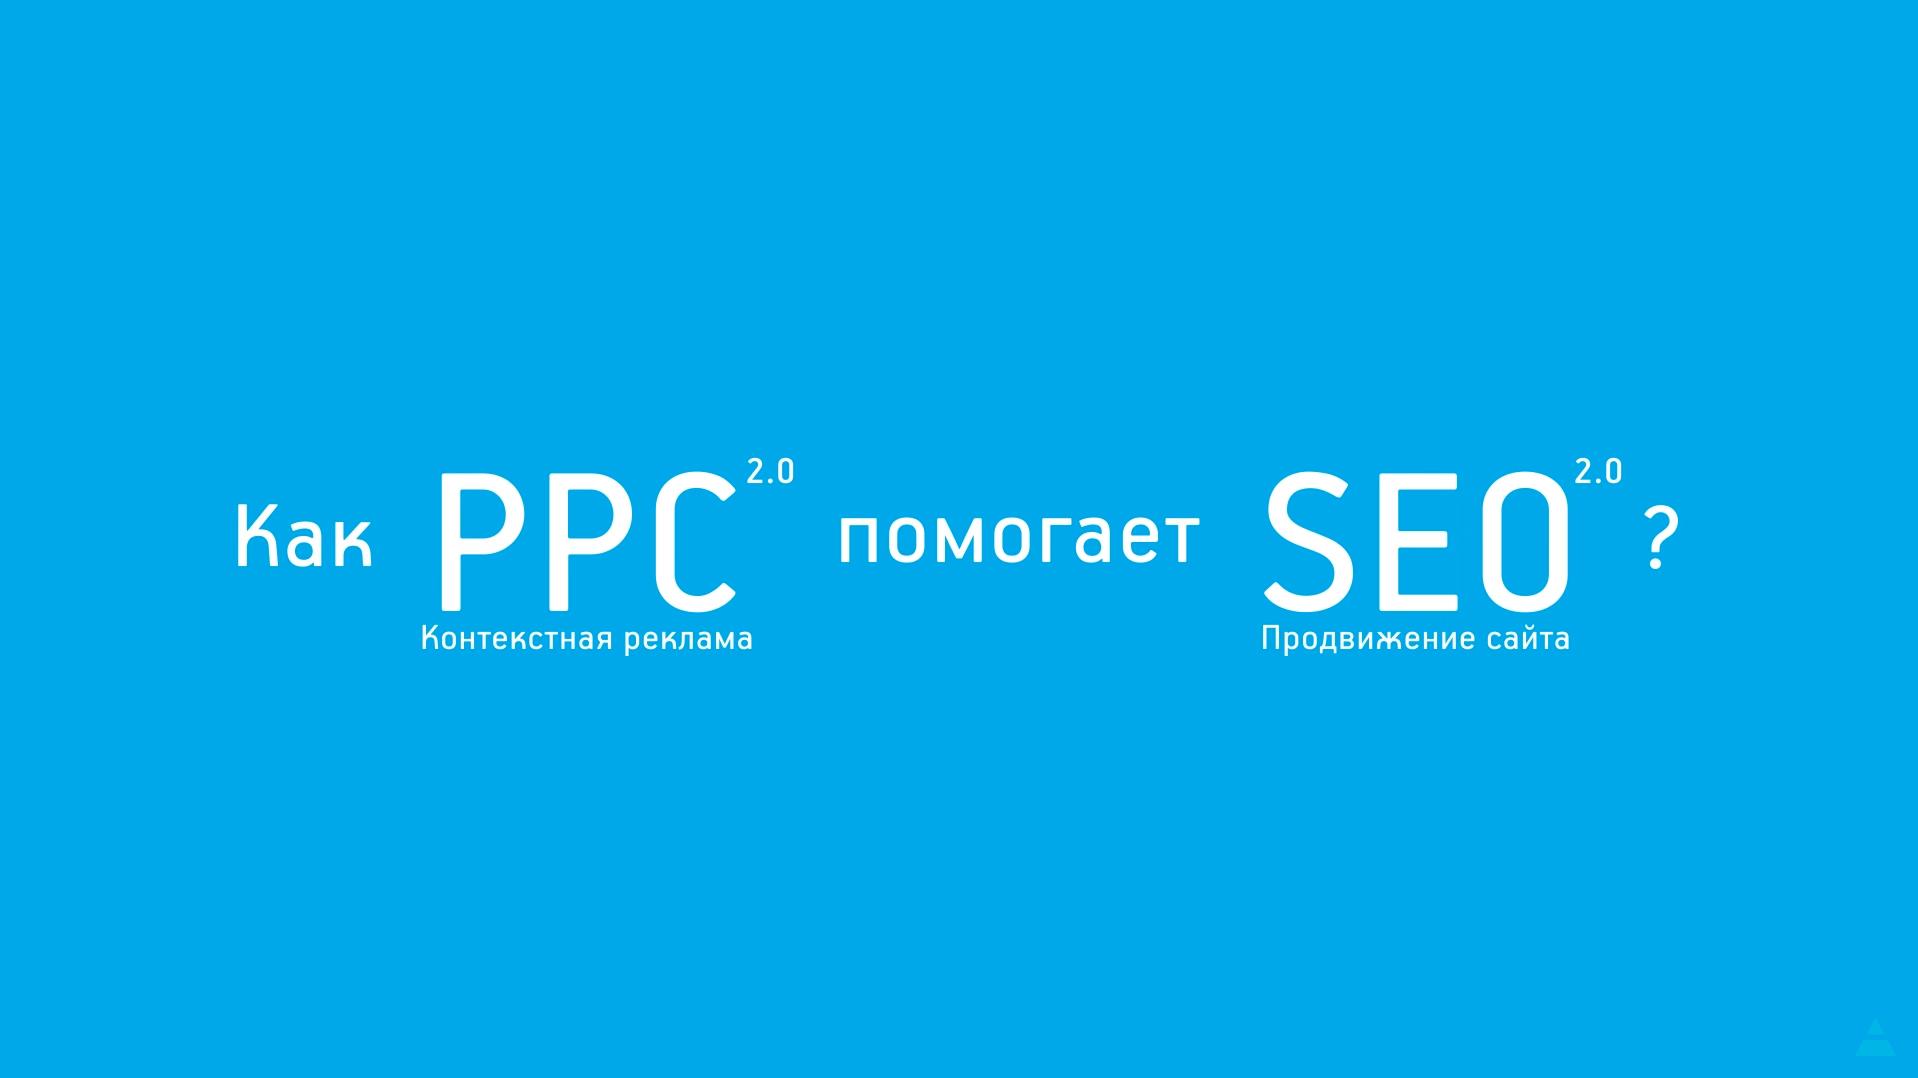 Работа в москве контекстная реклама без опыта работы